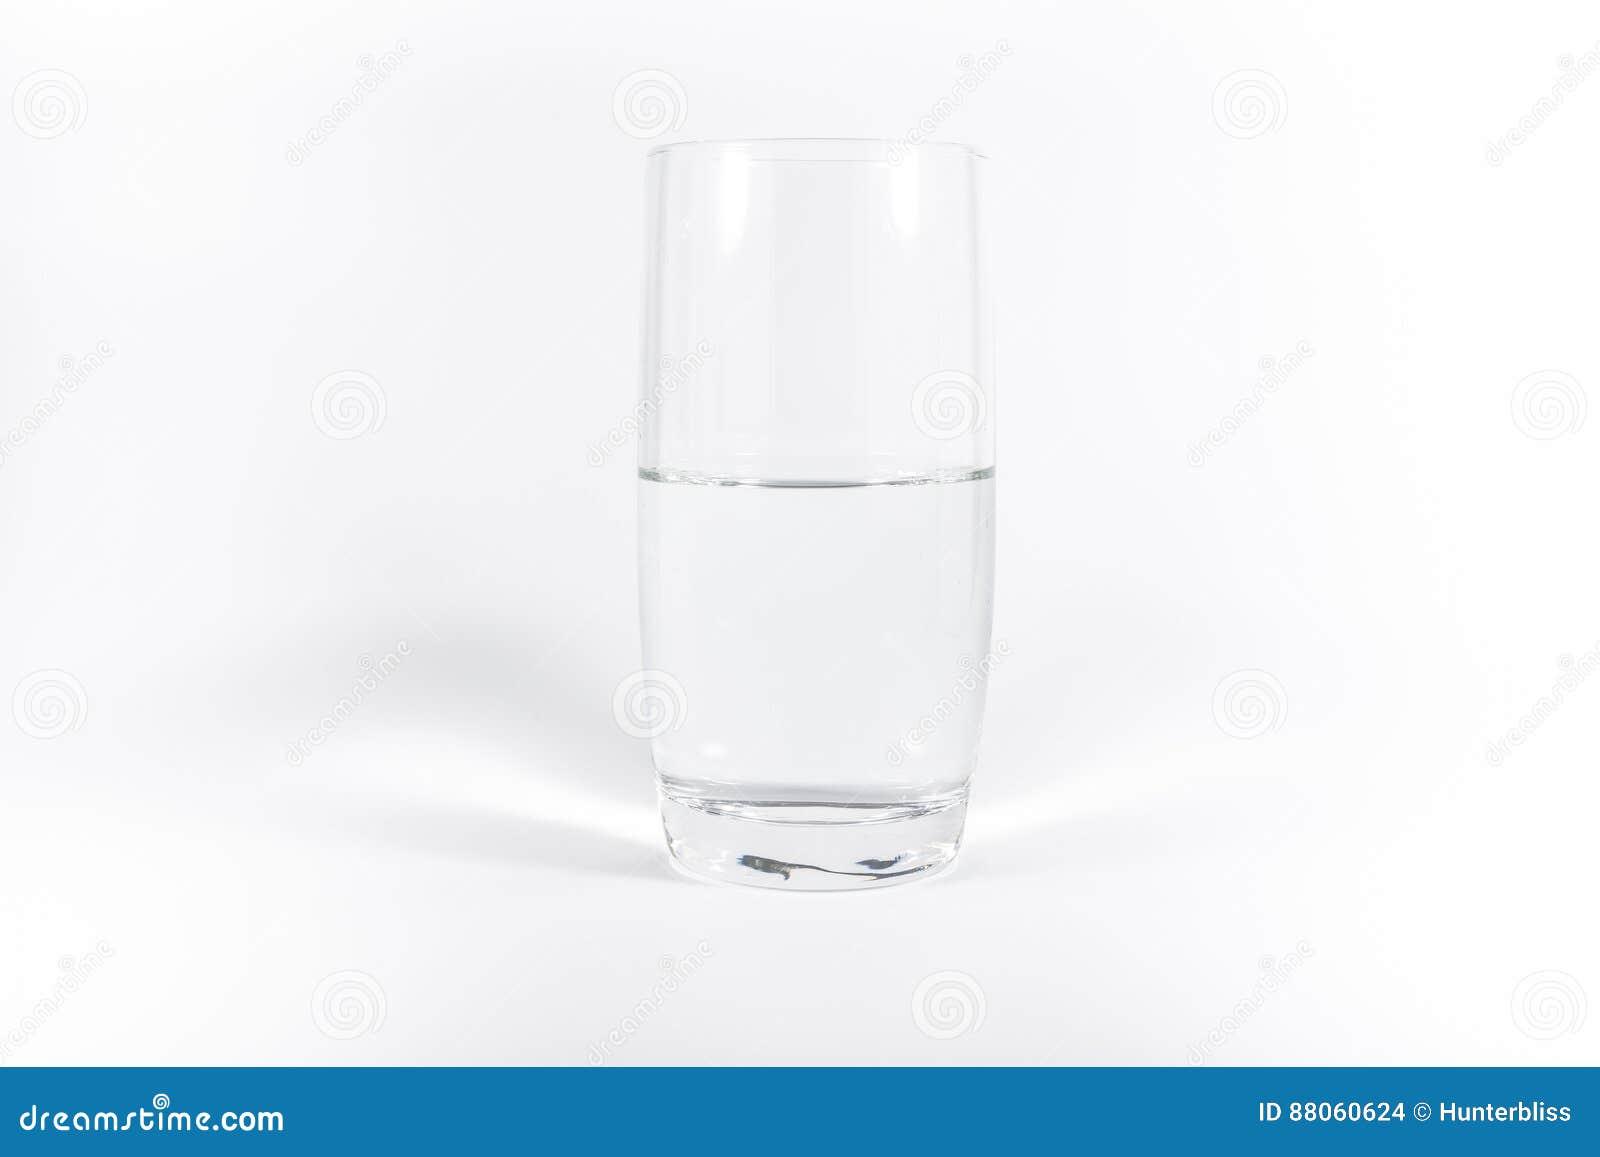 Καθαρό καθαρό γυαλί άσπρου υποβάθρου Ν Minimalistic νερού του απλού